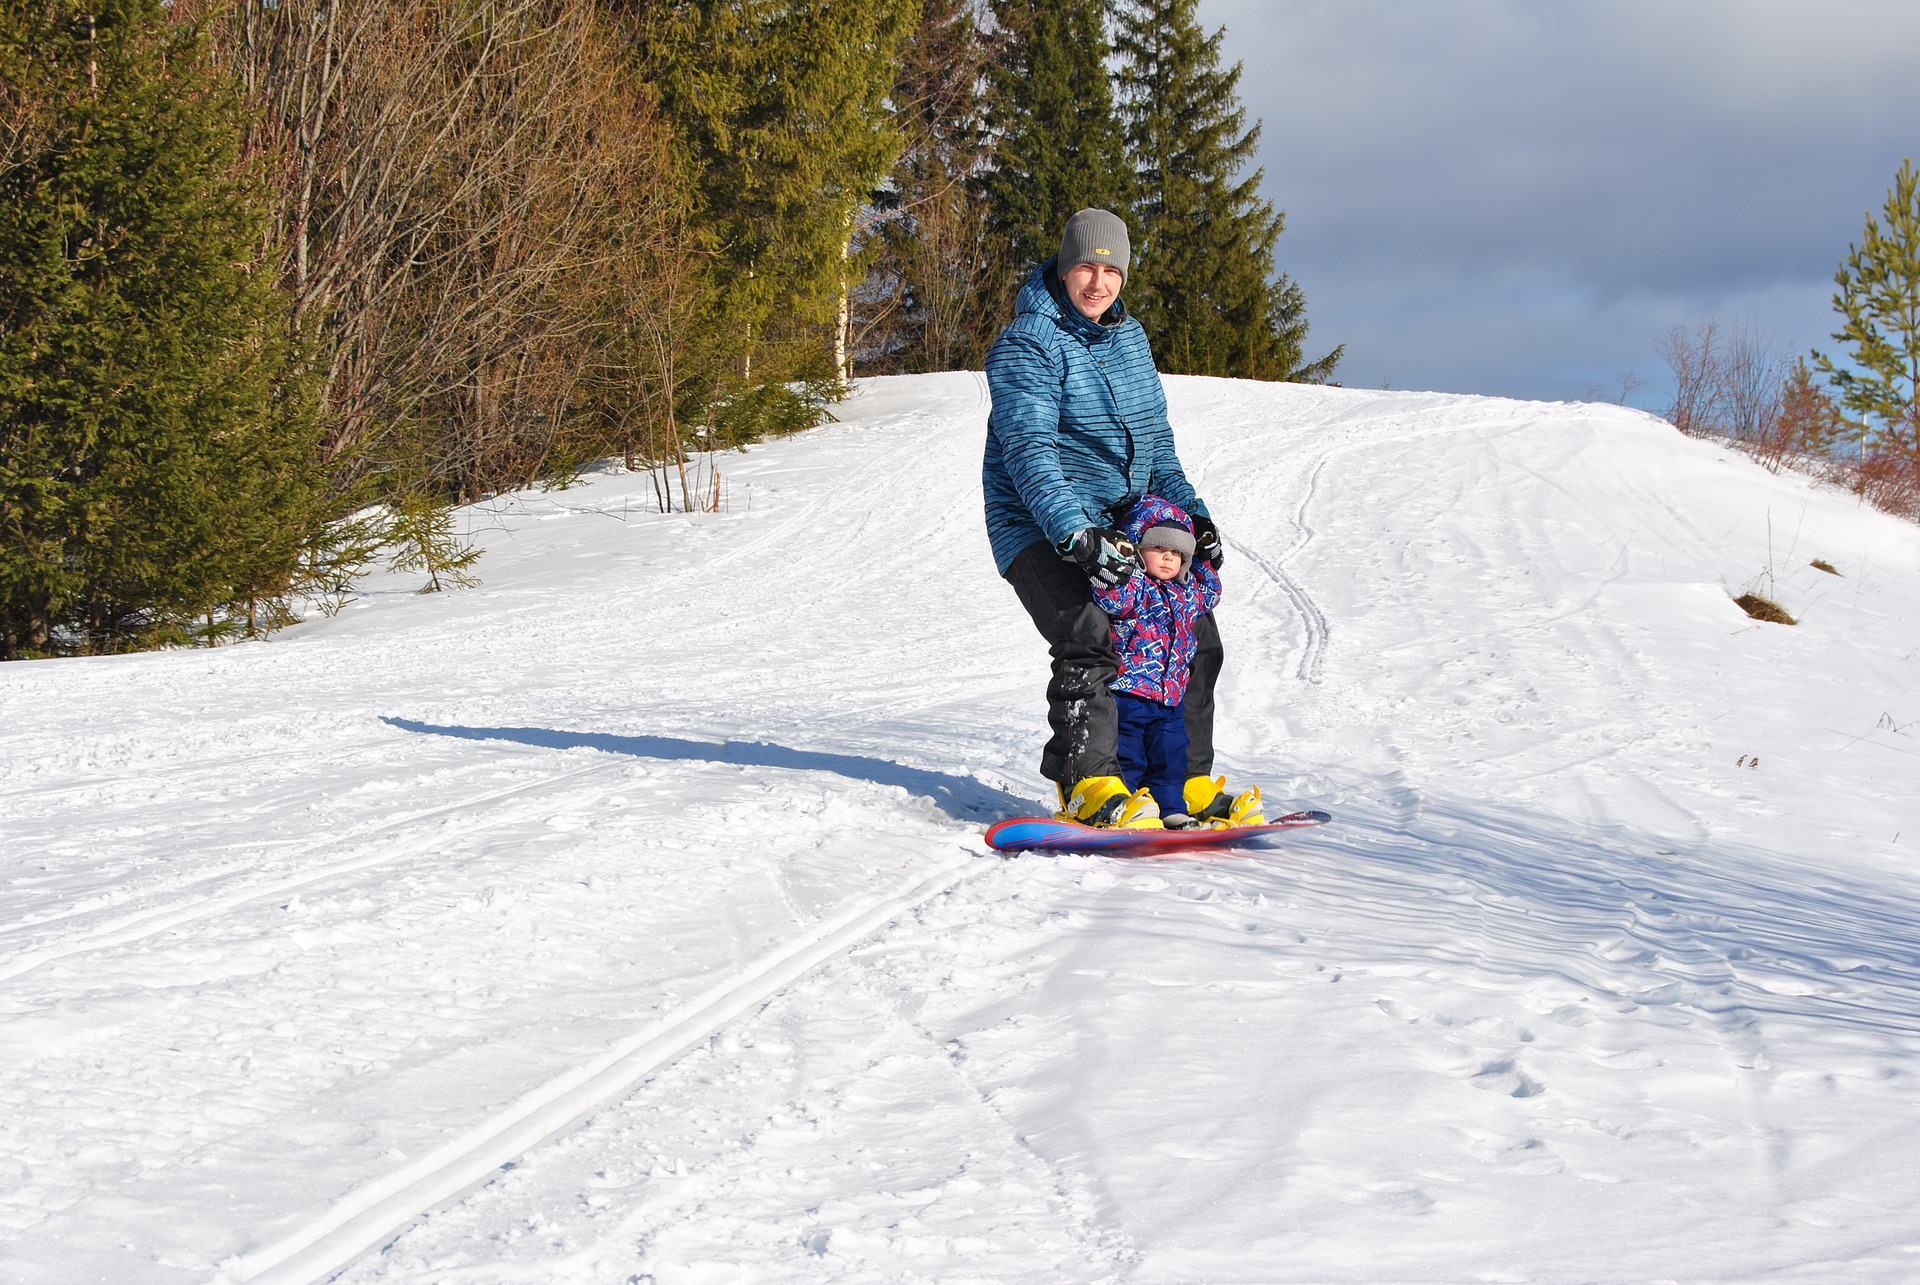 ¿A qué edad se puede empezar a practicar snow?